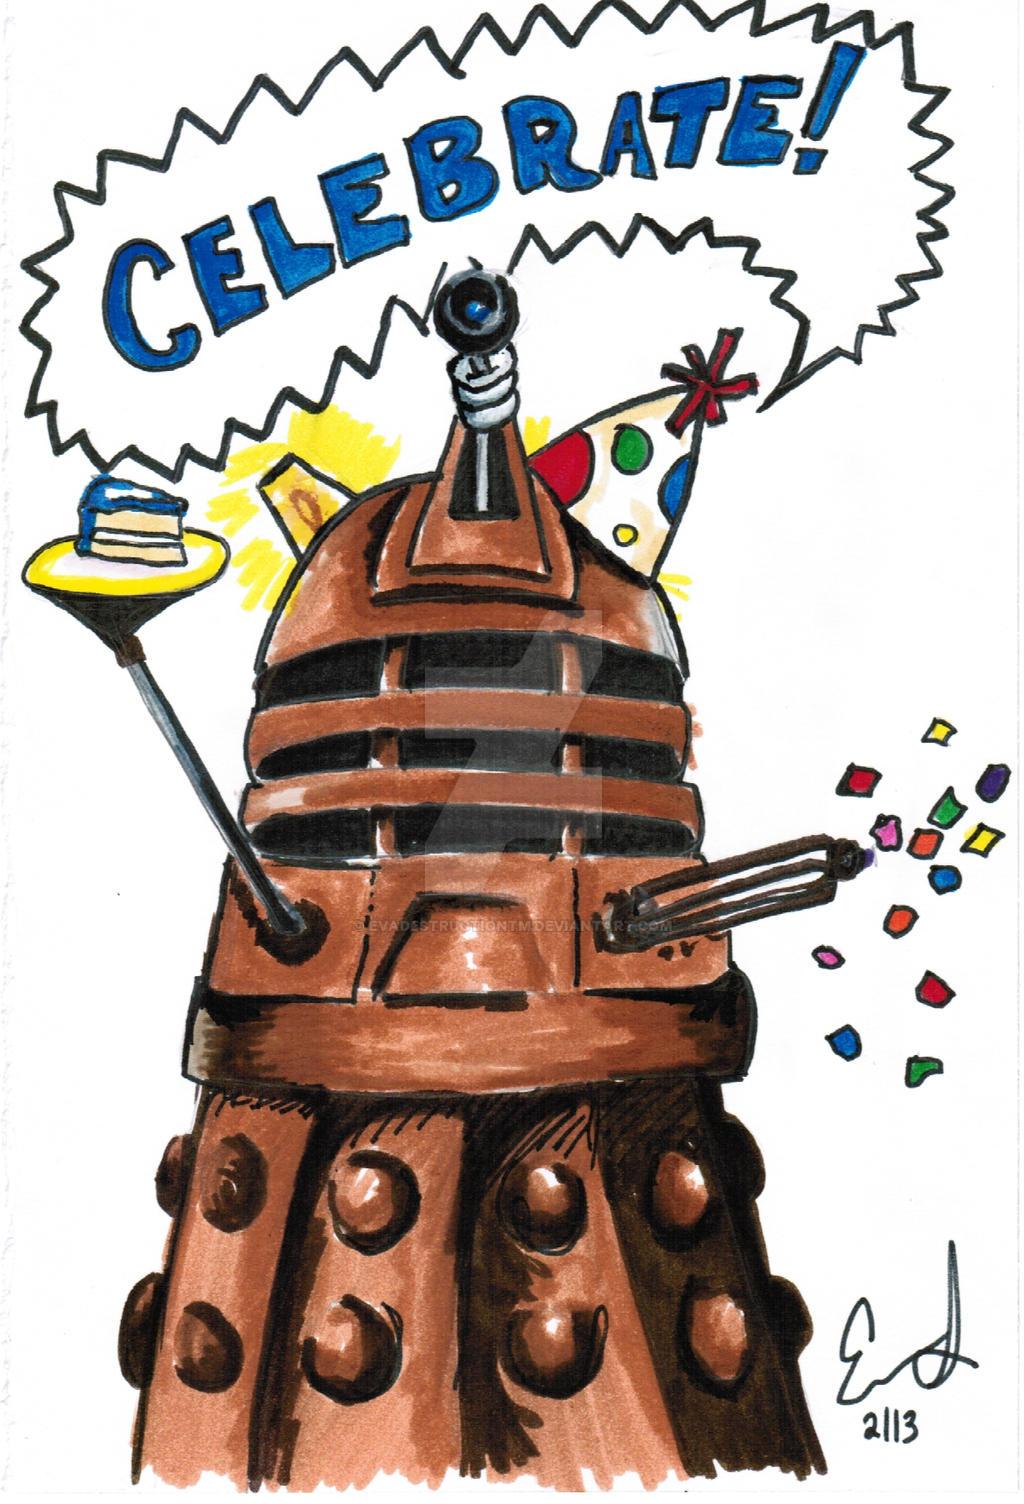 Dalek Birthday Card by EvaDestructionTM